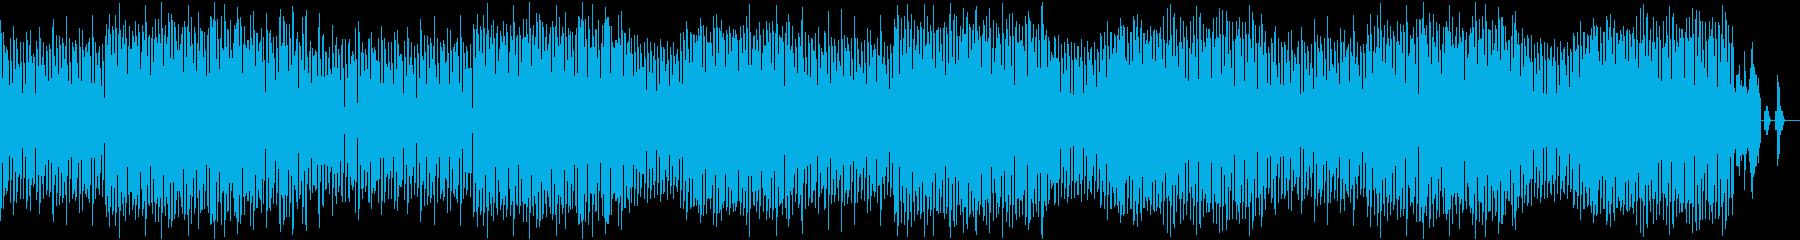 出だしのキックとベースの音がいい曲の再生済みの波形